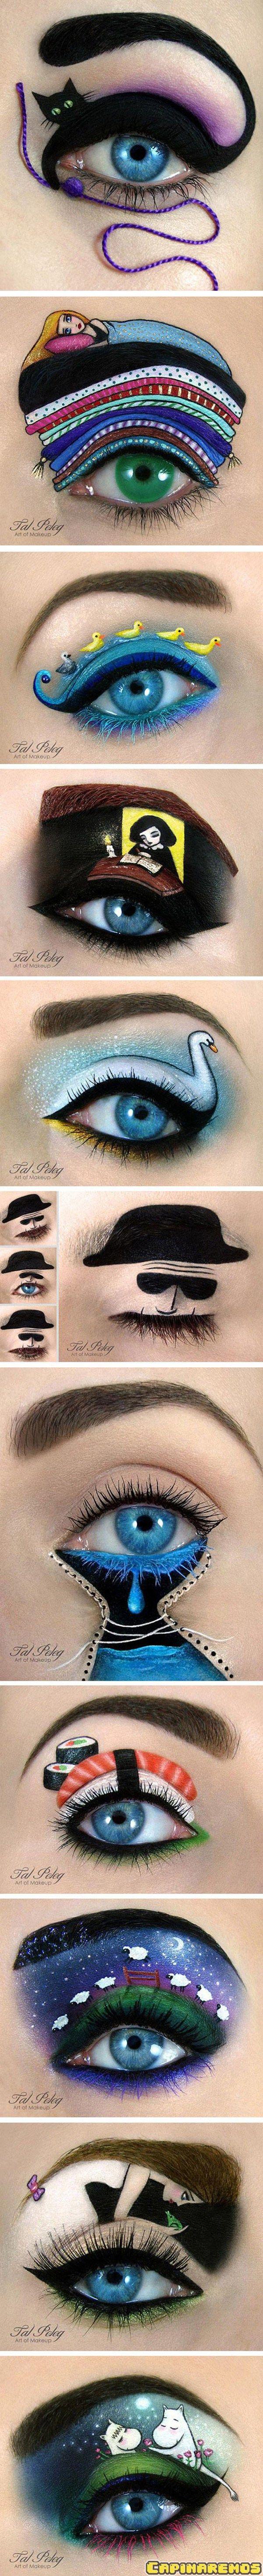 Fazendo arte com maquiagem.